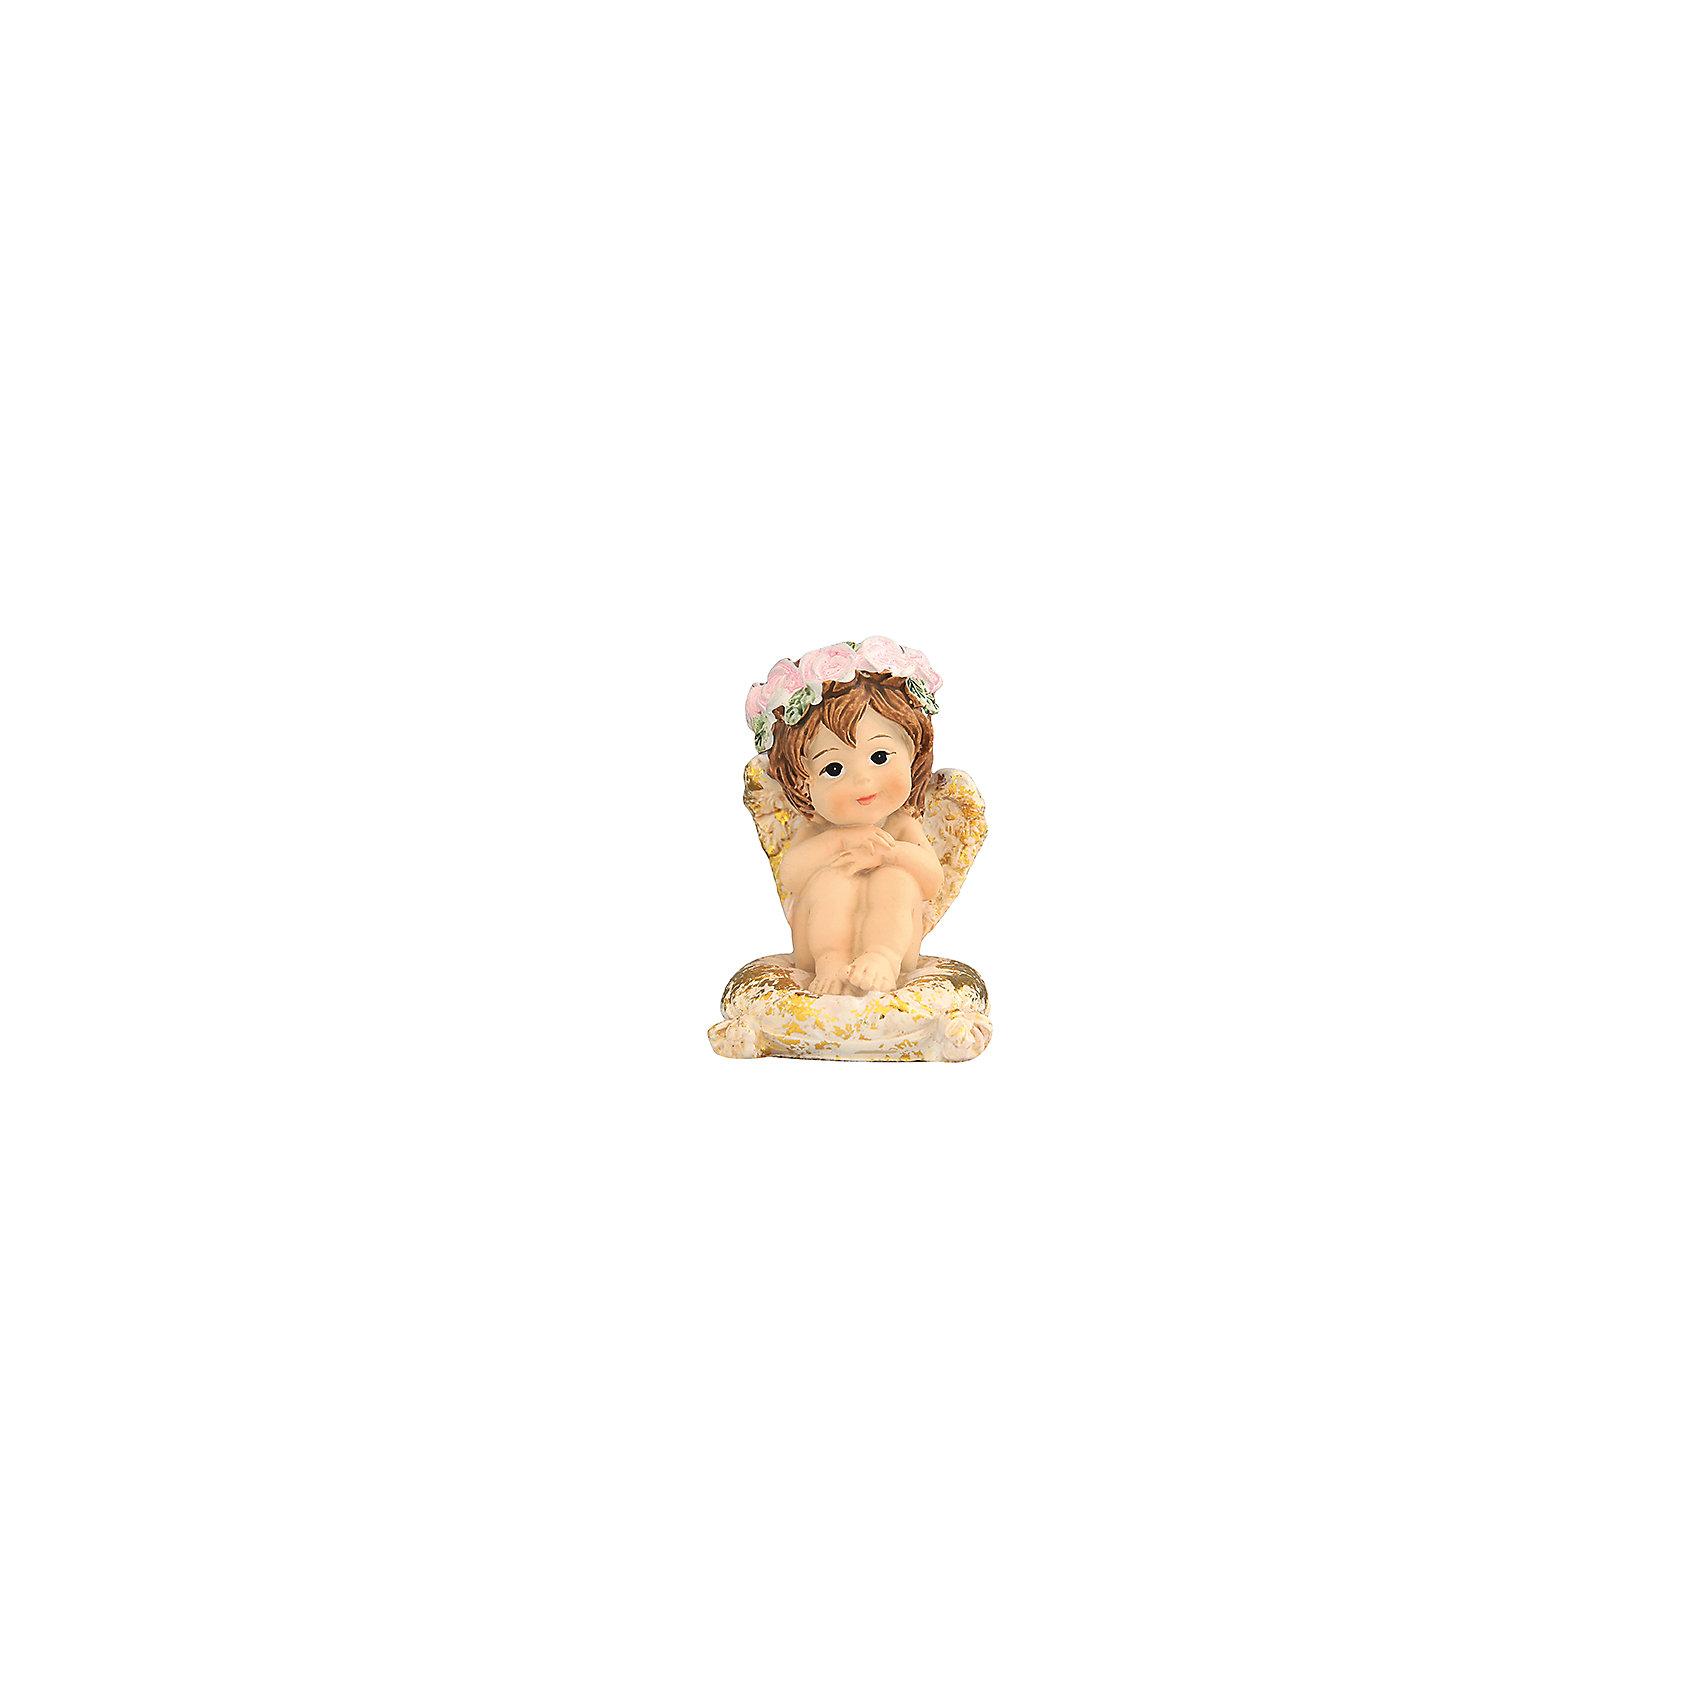 Фигурка декоративная Ангелочек на золотой подушечке, Elan GalleryПредметы интерьера<br>Характеристики товара:<br><br>• цвет: мульти<br>• материал: полистоун<br>• высота: 6 см<br>• вес: 100 г<br>• подходит к любому интерьеру<br>• отлично проработаны детали<br>• универсальный размер<br>• страна бренда: Российская Федерация<br>• страна производства: Китай<br><br>Такая декоративная фигурка - отличный пример красивой вещи для любого интерьера. Благодаря универсальному дизайну и расцветке она хорошо будет смотреться в помещении.<br><br>Декоративная фигурка может стать отличным приобретением для дома или подарком для любителей симпатичных вещей, украшающих пространство.<br><br>Бренд Elan Gallery - это красивые и практичные товары для дома с современным дизайном. Они добавляют в жильё уюта и комфорта! <br><br>Фигурку декоративную Ангелочек на золотой подушечке, Elan Gallery можно купить в нашем интернет-магазине.<br><br>Ширина мм: 55<br>Глубина мм: 47<br>Высота мм: 65<br>Вес г: 84<br>Возраст от месяцев: 0<br>Возраст до месяцев: 1188<br>Пол: Унисекс<br>Возраст: Детский<br>SKU: 6668933